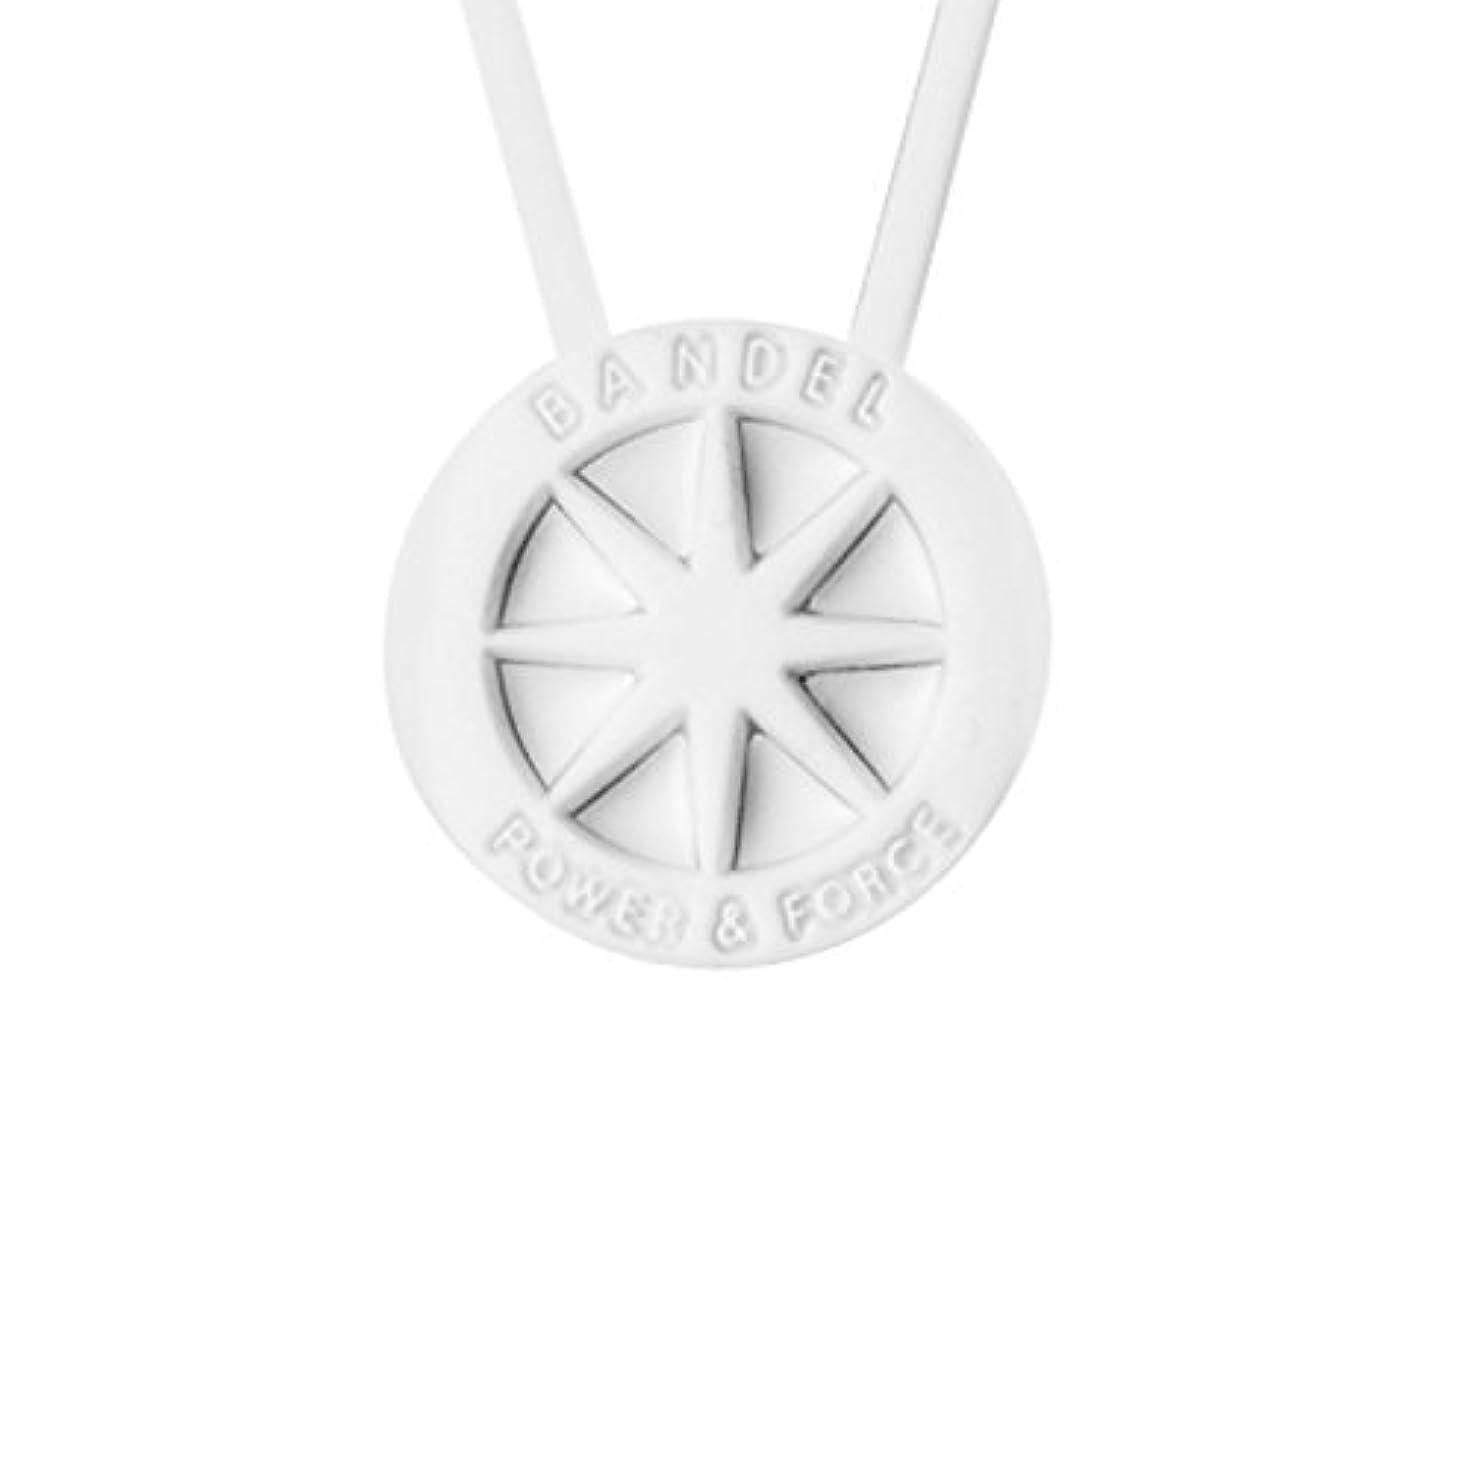 現実チャレンジ豊富なBANDEL(バンデル) ネックレス(ホワイト×ホワイト)45cm 2017年モデル